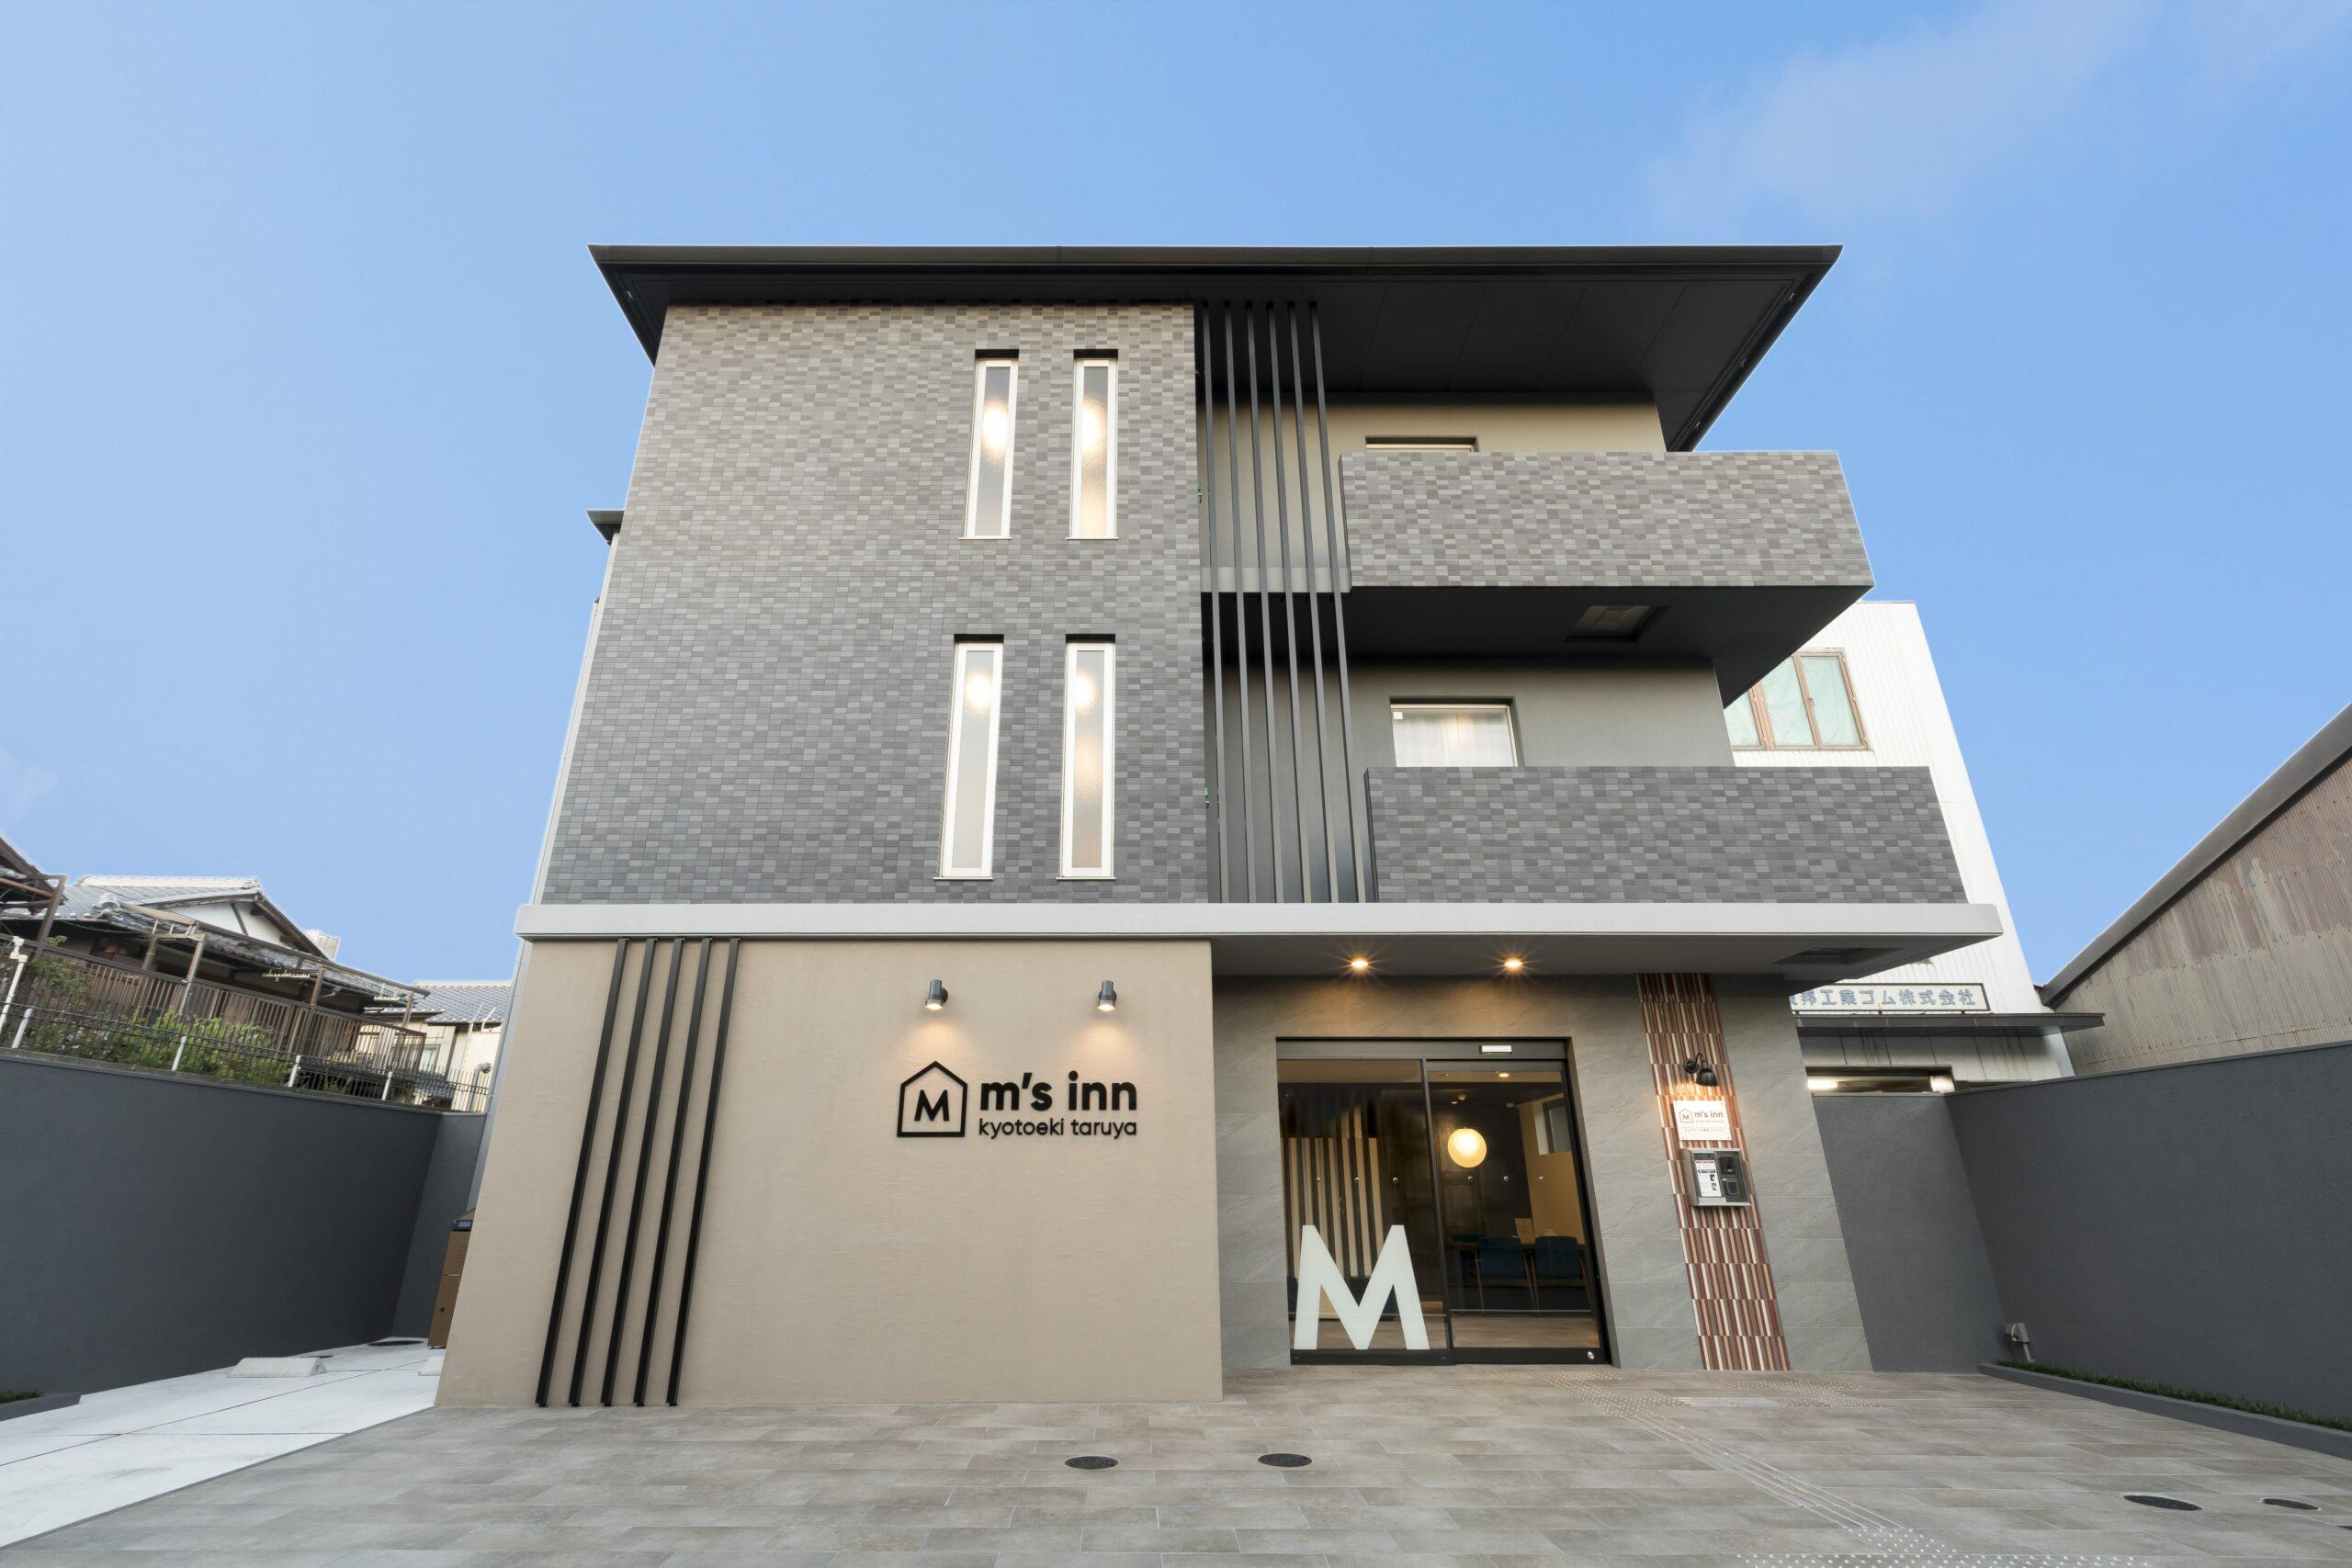 ホテル エムズ・エスト京都駅TARUYAのイメージ写真